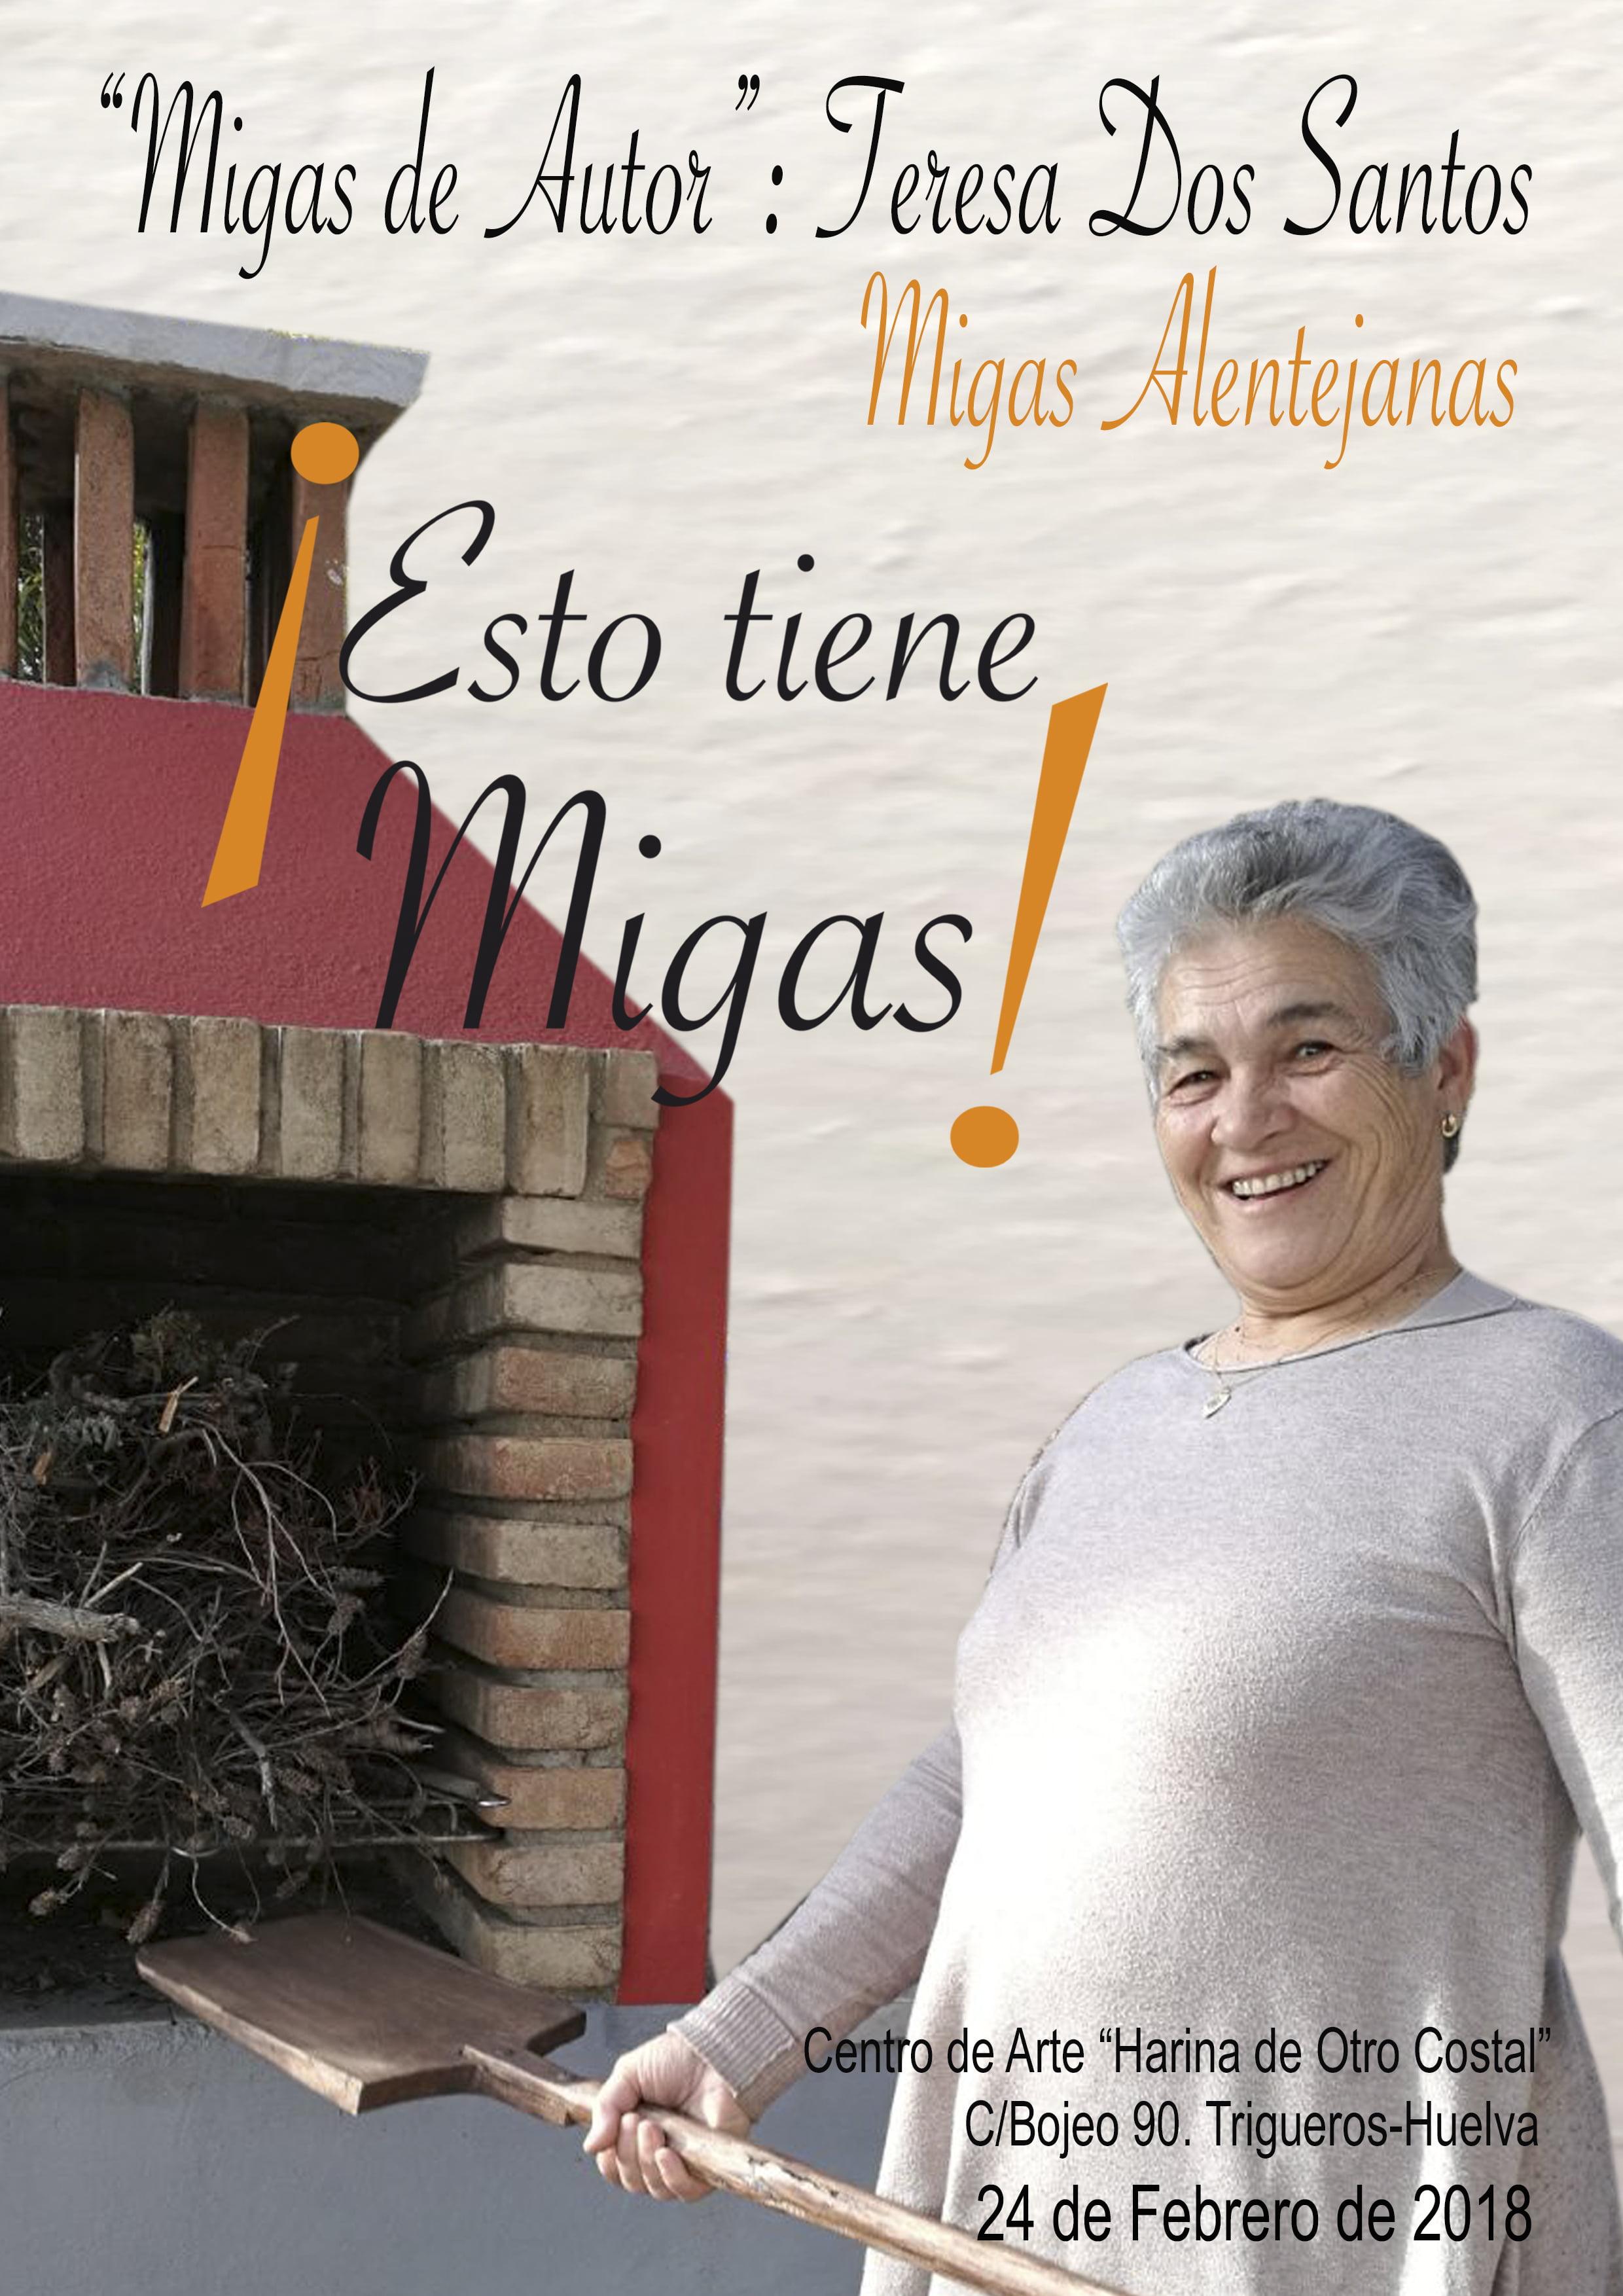 Cartel anunciador de las Migas Alentejanas